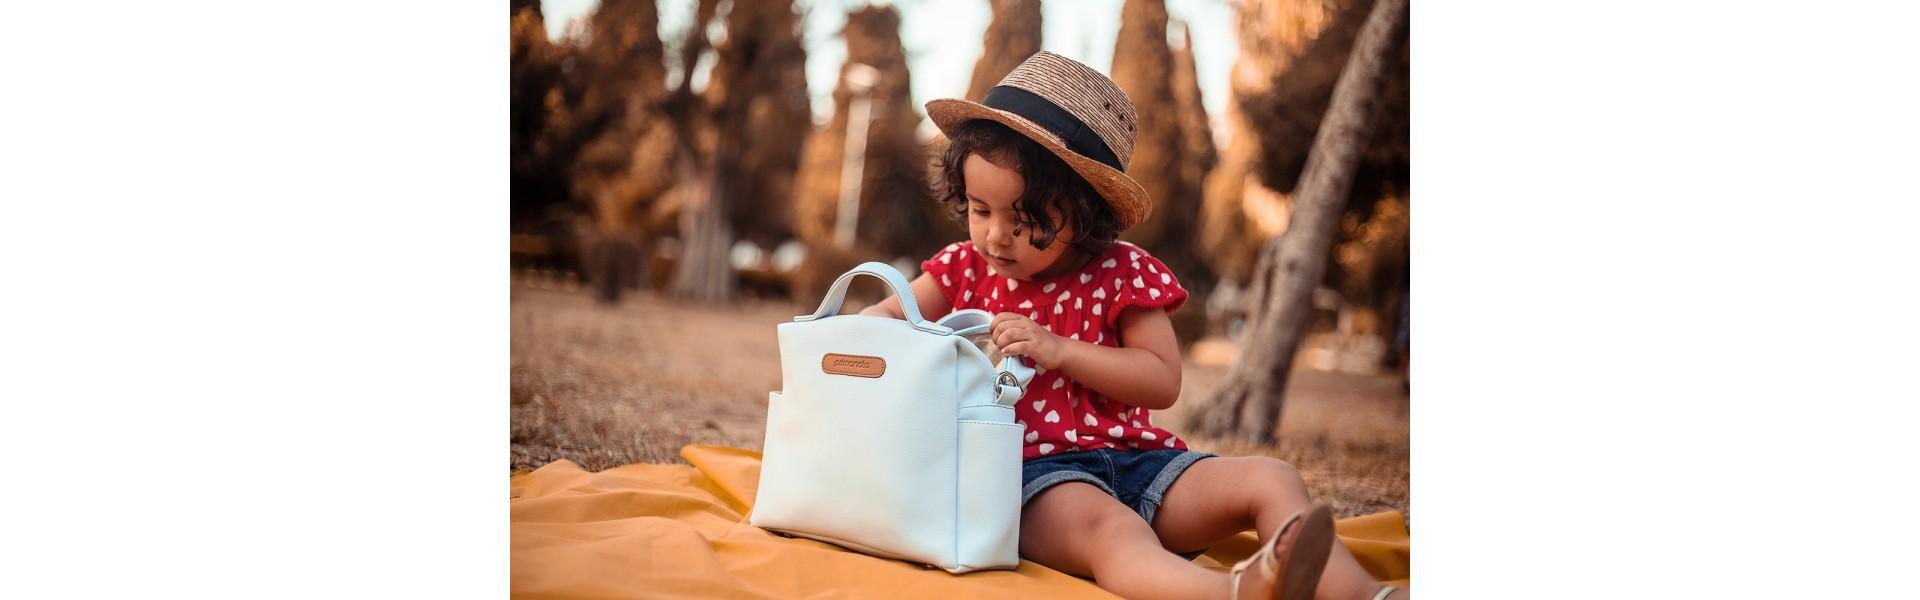 Articles de maternité Lily - Primanata, achat en ligne Tunisie